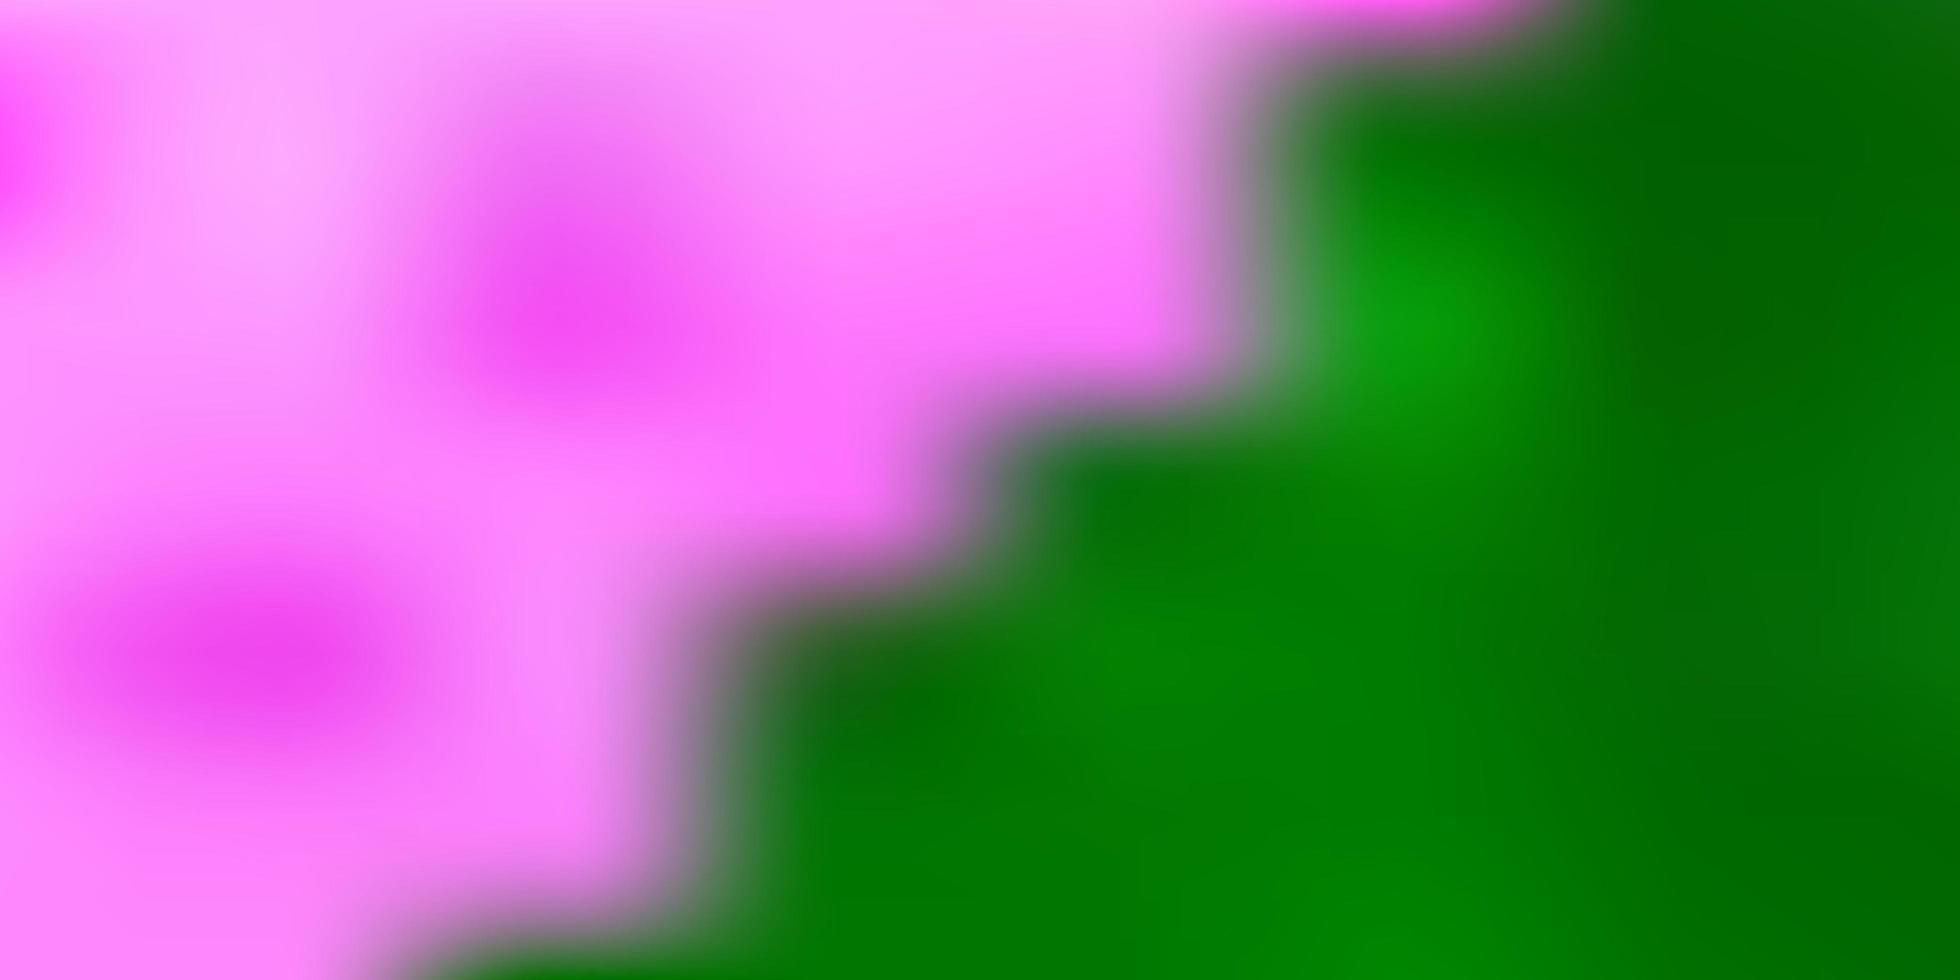 hellgrüne Vektor-Gradienten-Unschärfe-Schablone. vektor